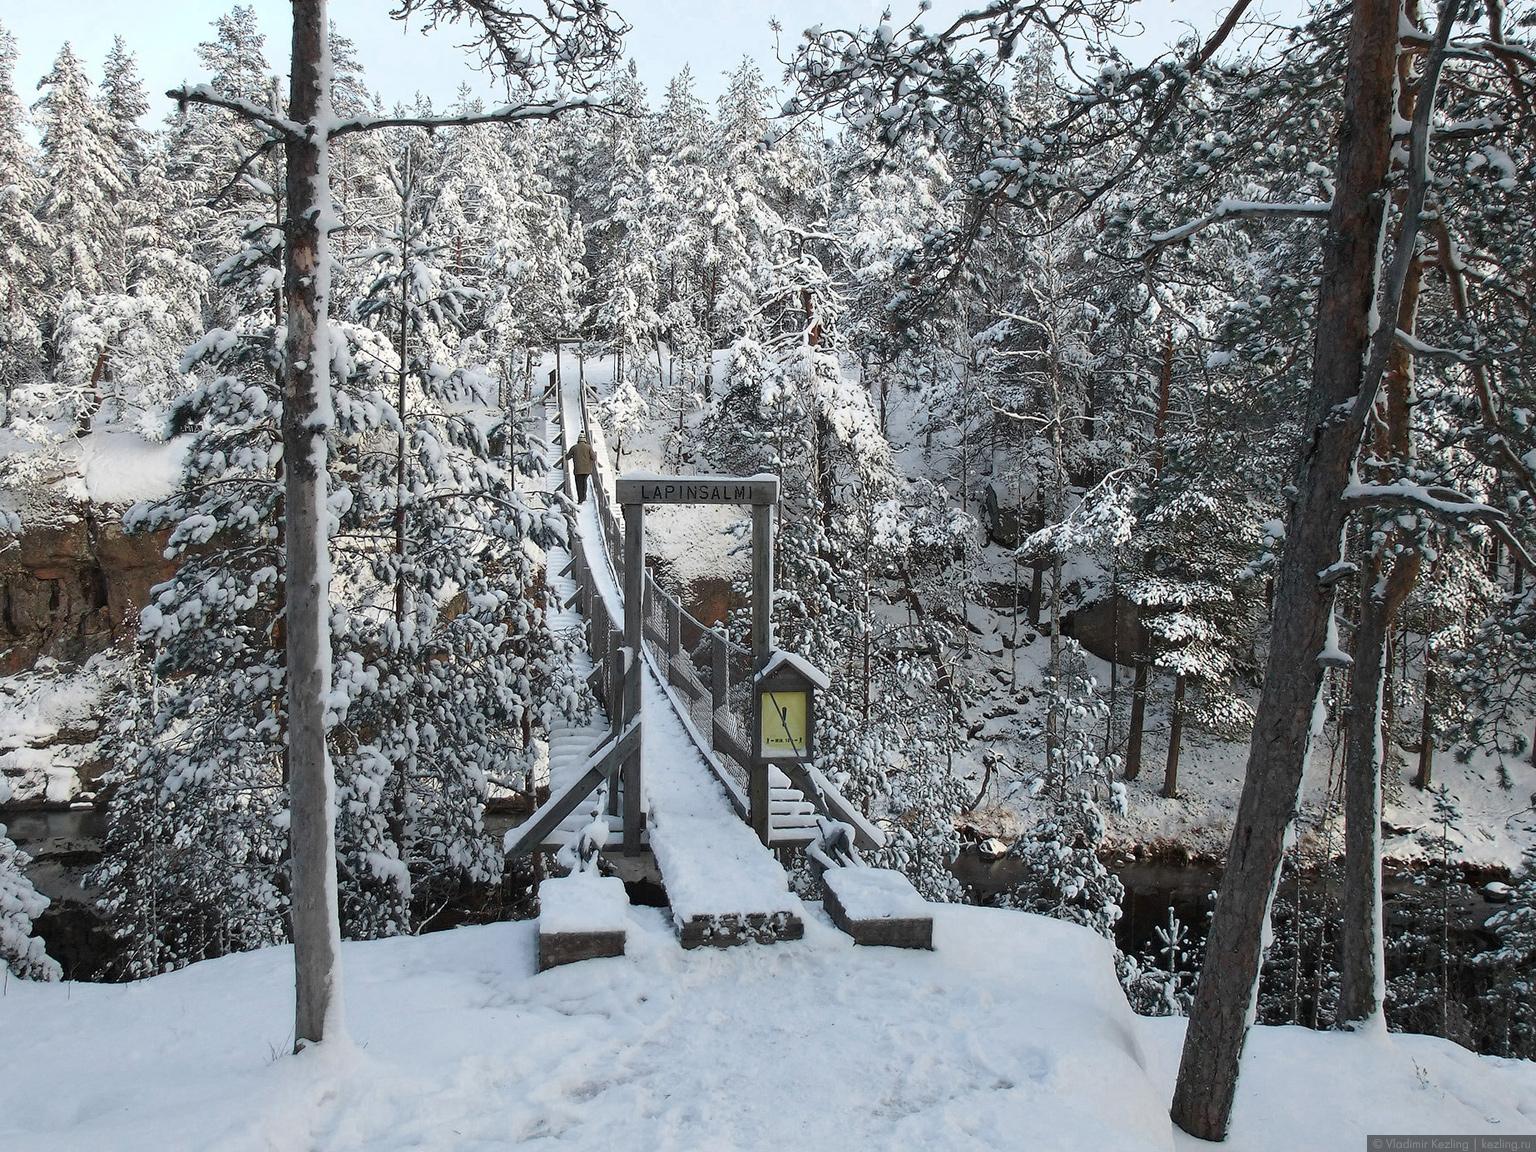 Висячий мост над проливом Lapinsalmi